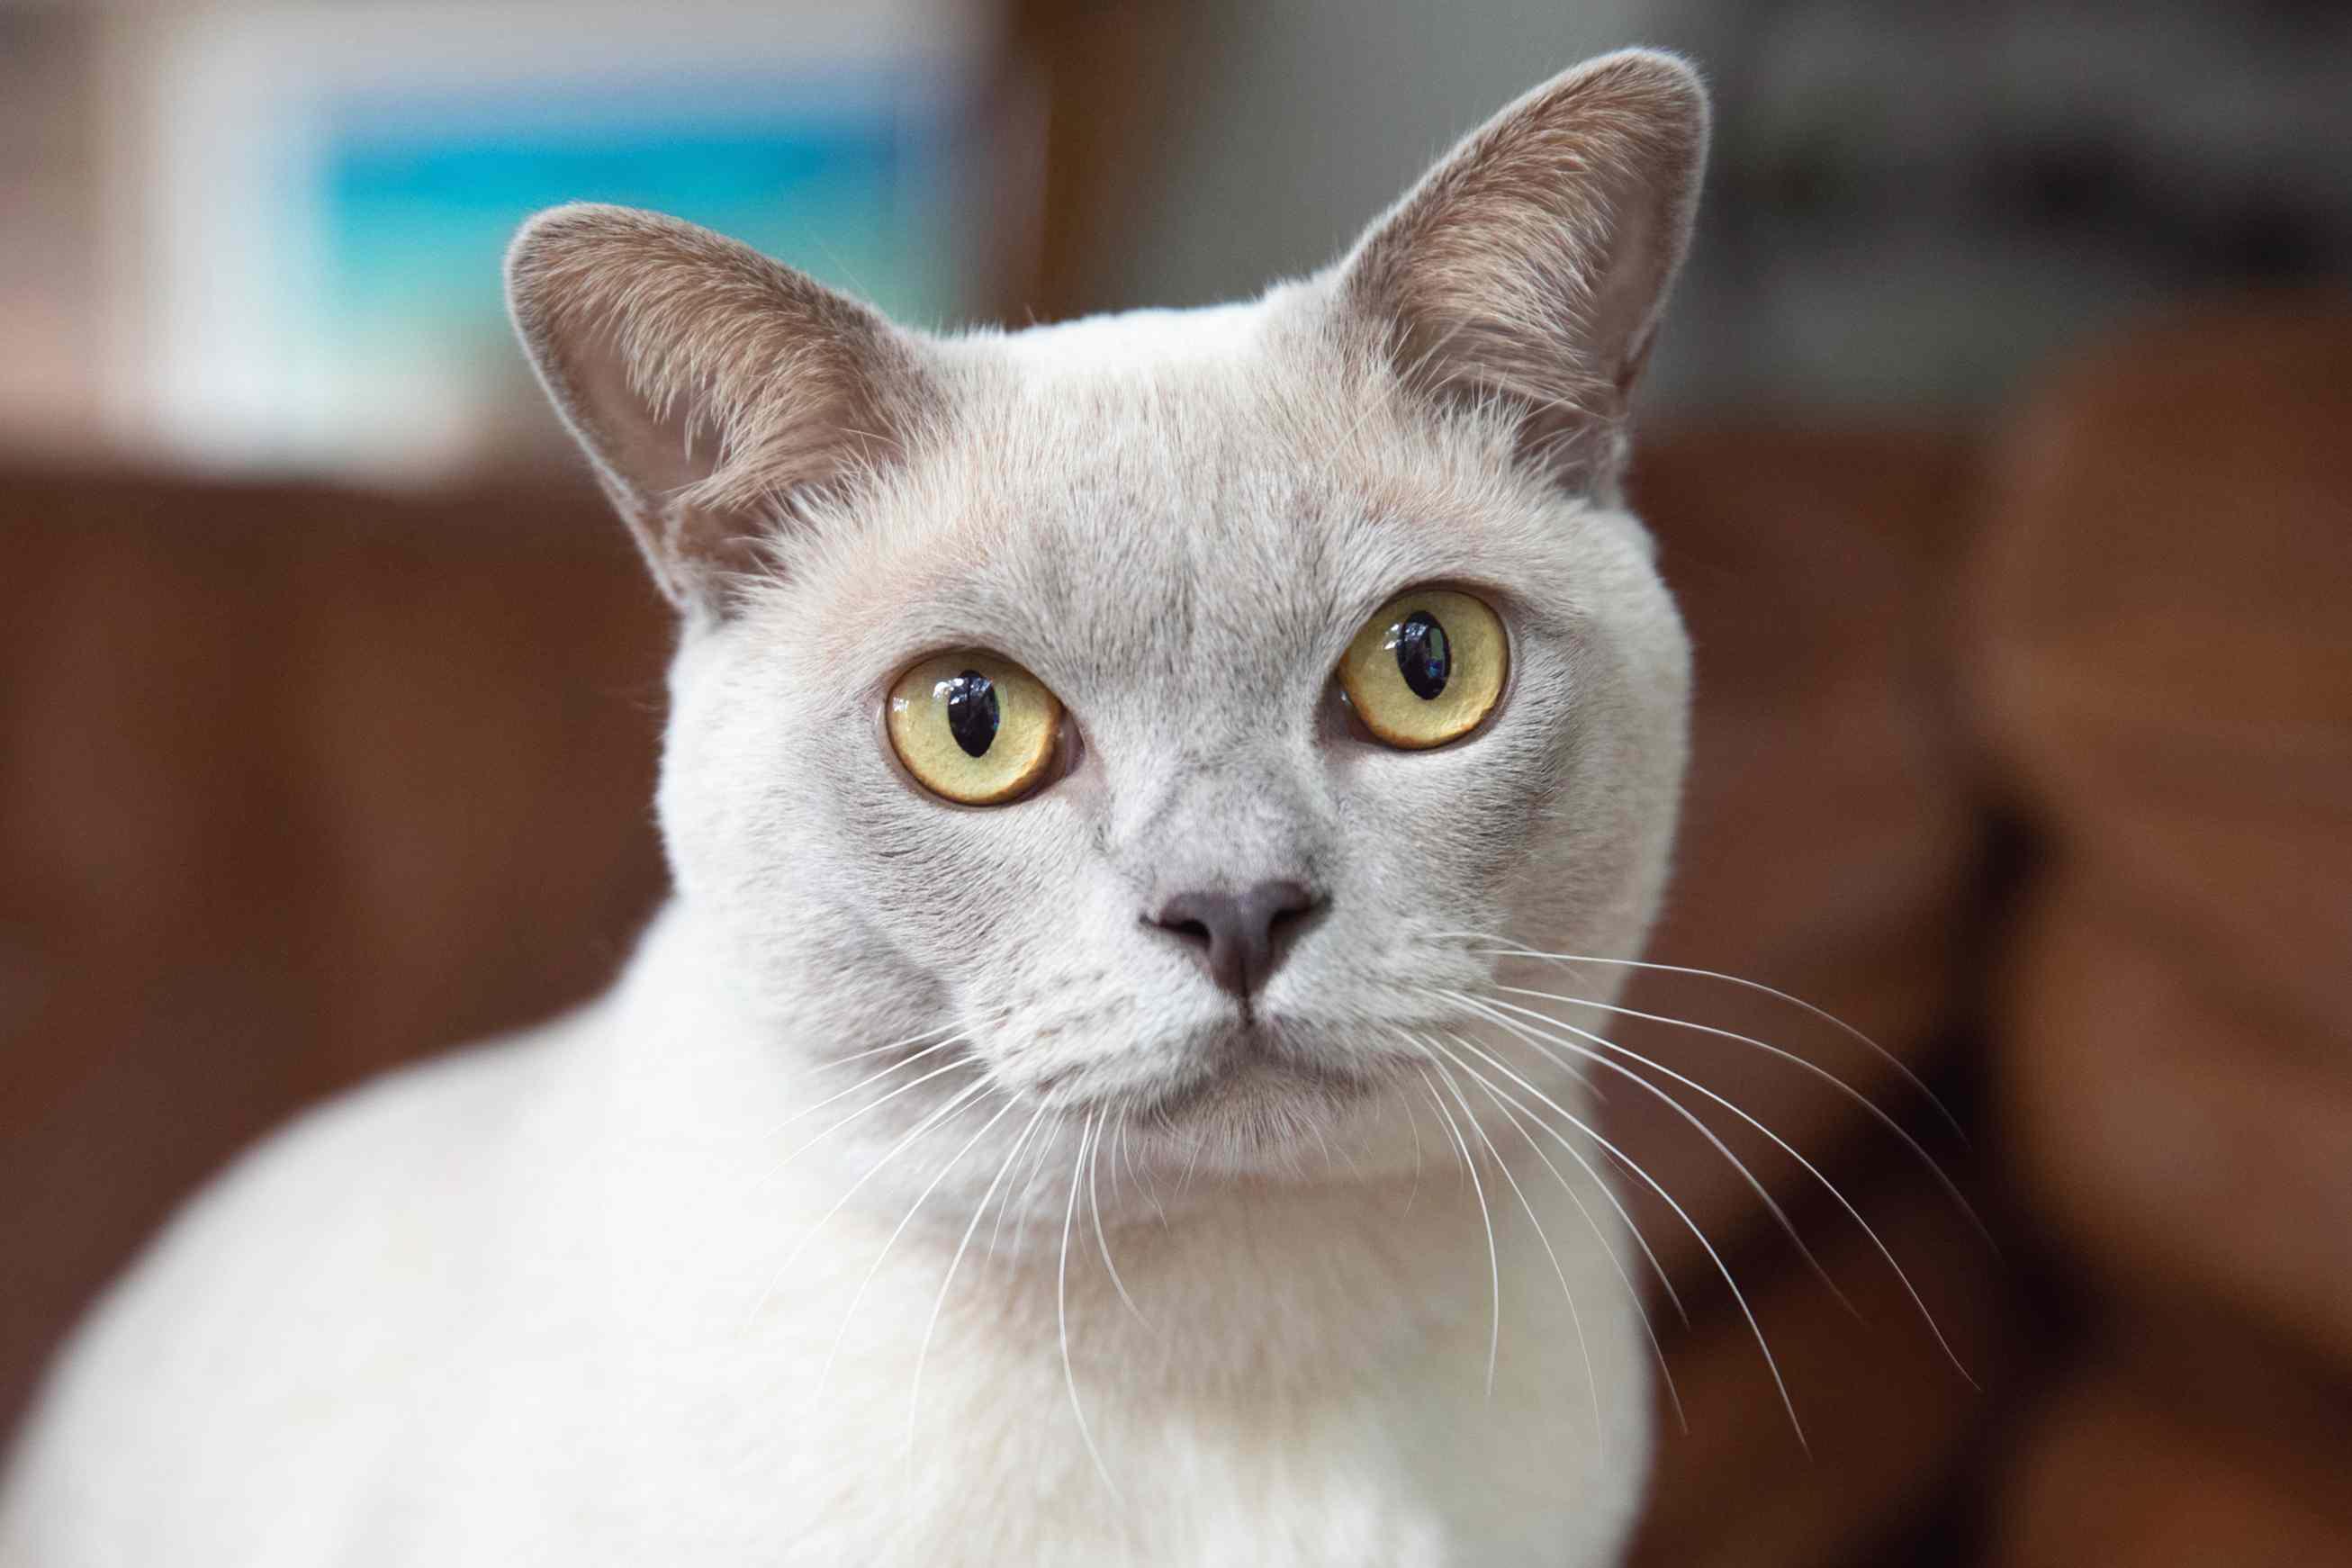 Light tan Burmese cat with yellow eyes closeup